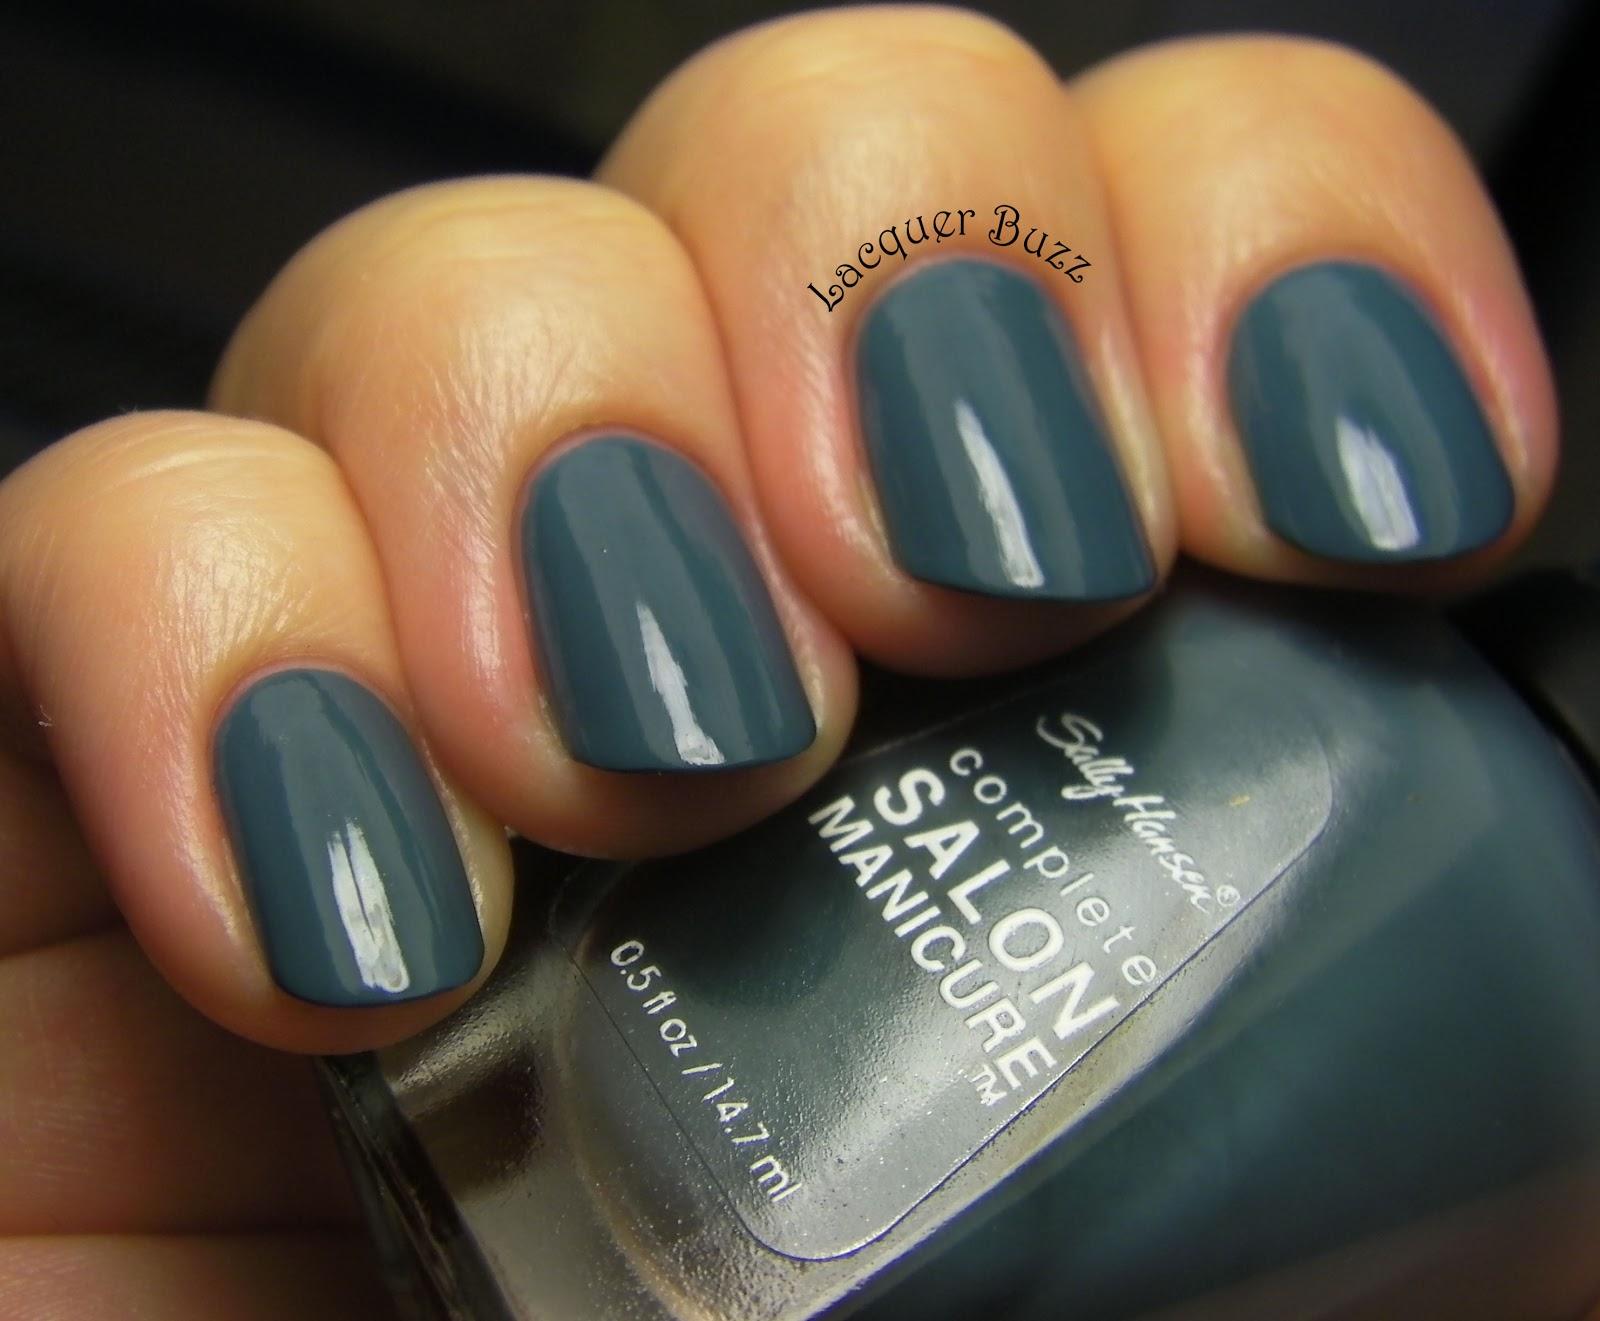 lacquer buzz: monday blues: sally hansen graygray and color